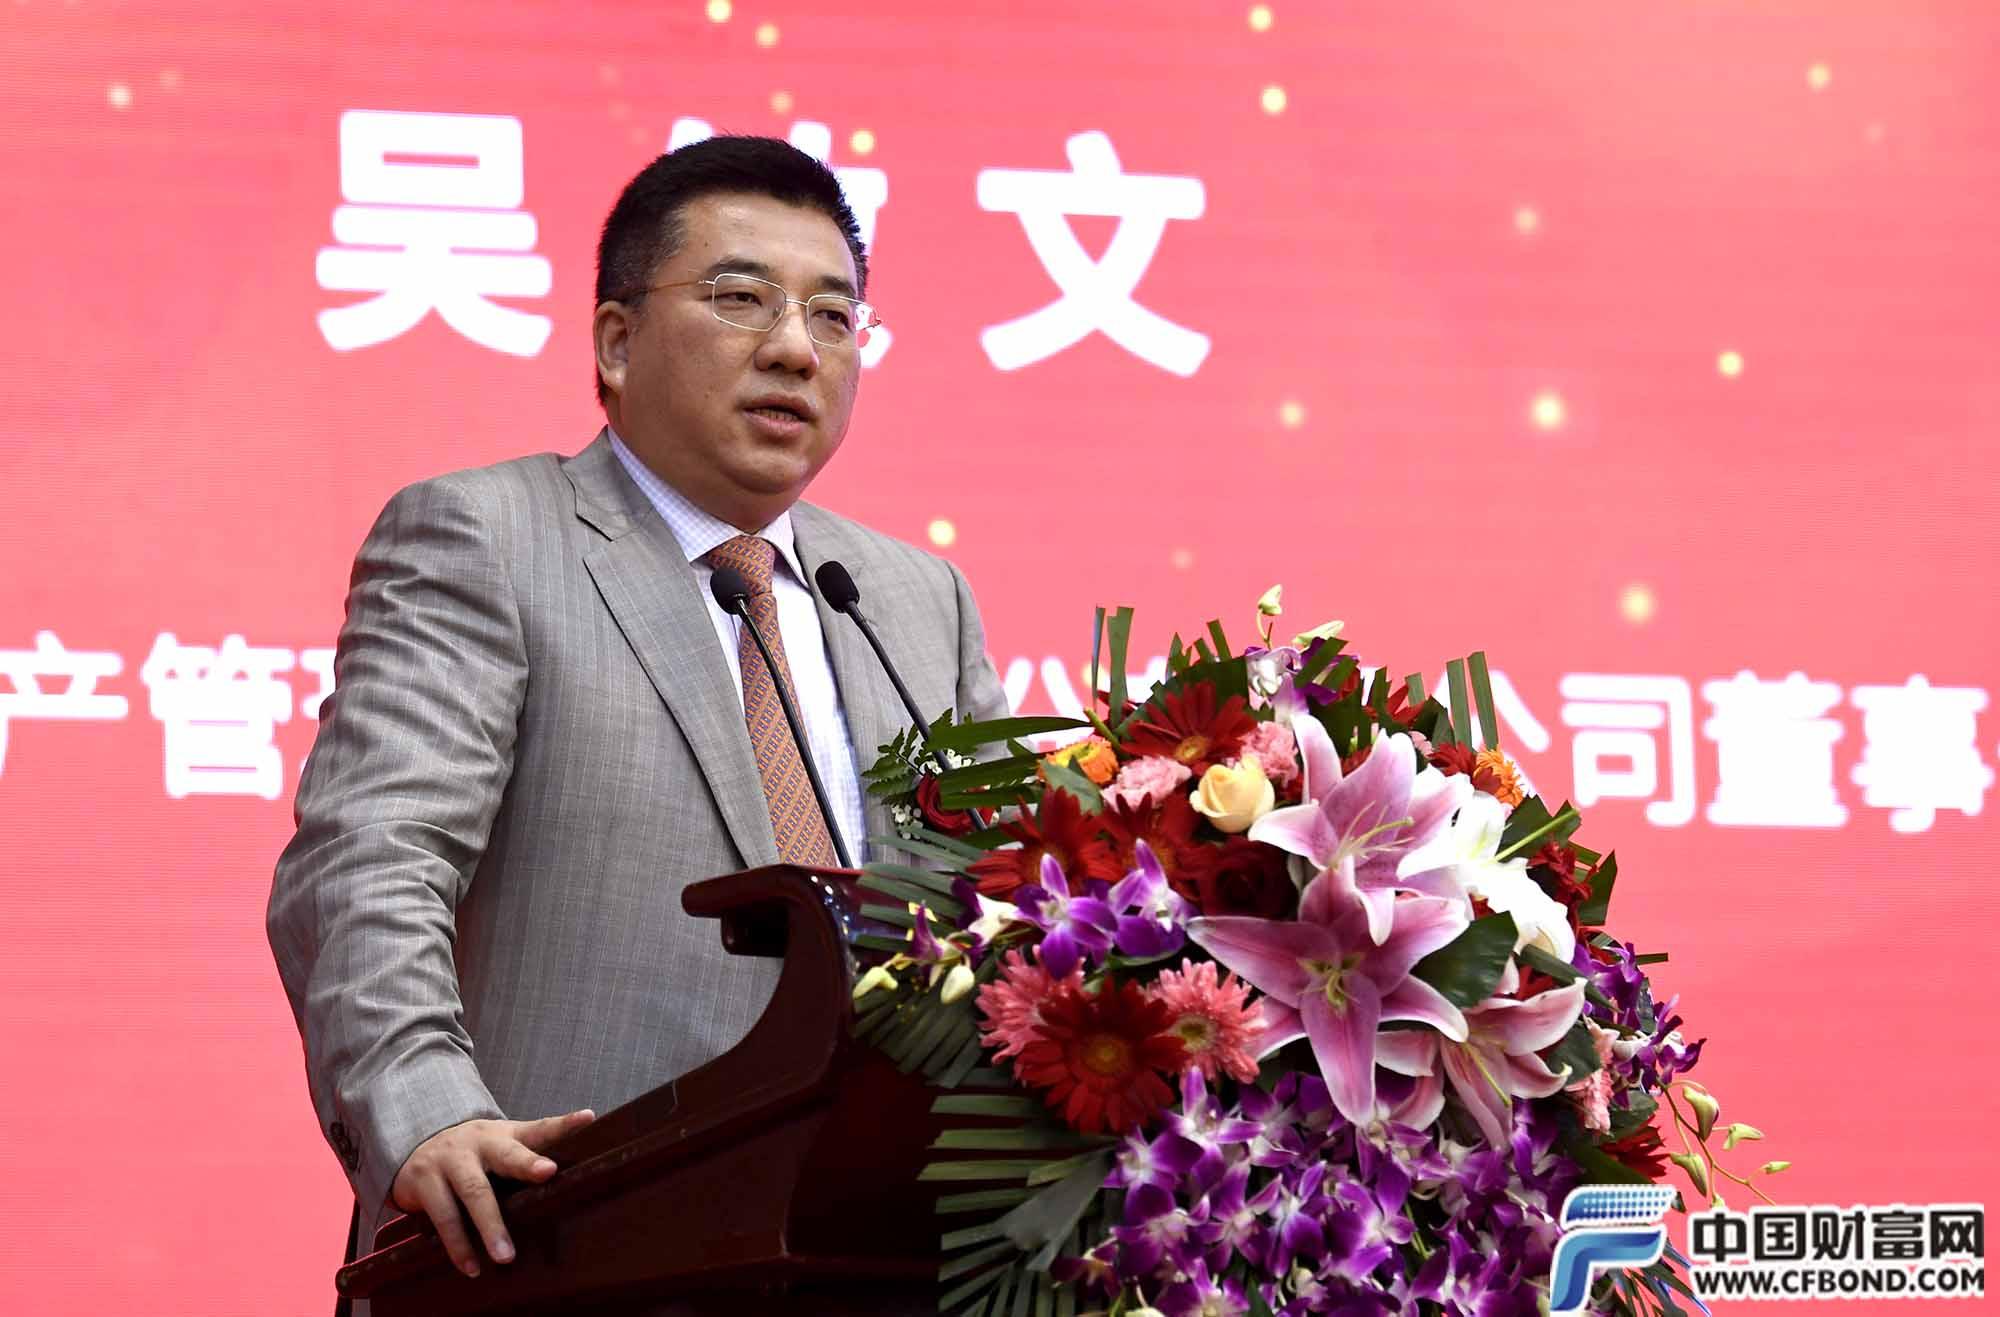 盛世景资产管理集团股份有限公司董事长 吴敏文